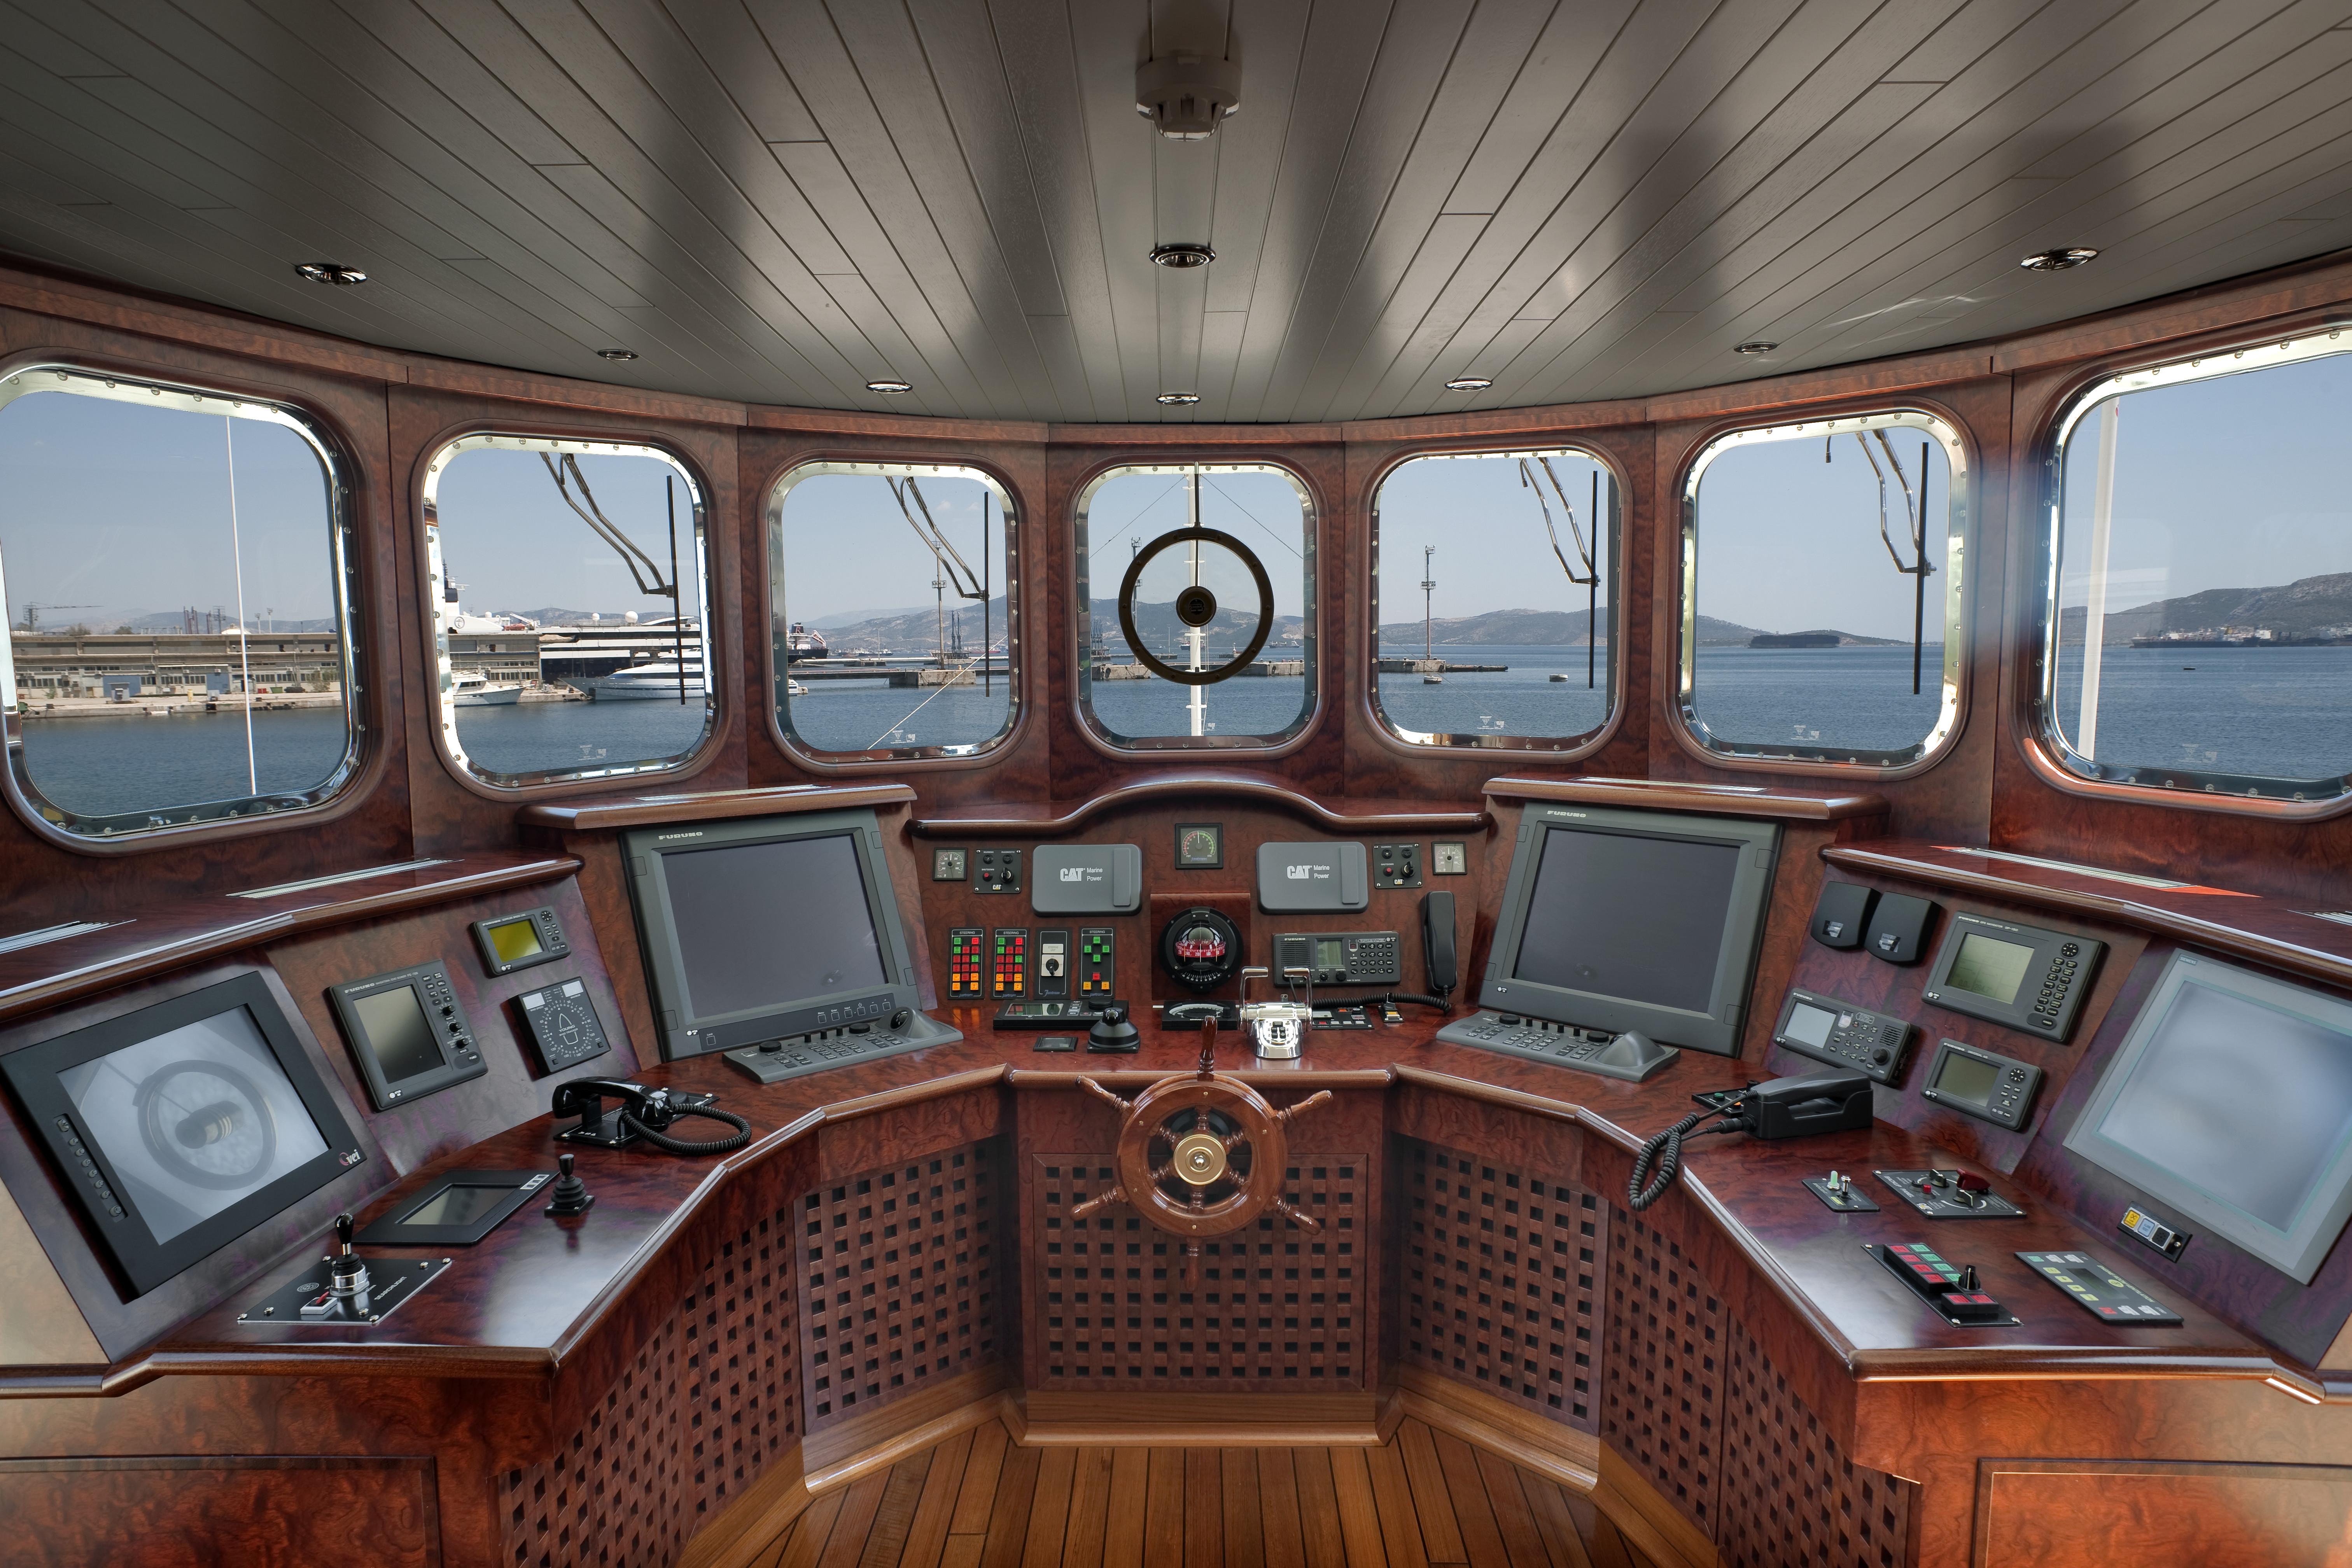 Η γέφυρα του πλοίου. (Φωτ: Σ. Μαυρομμάτης)